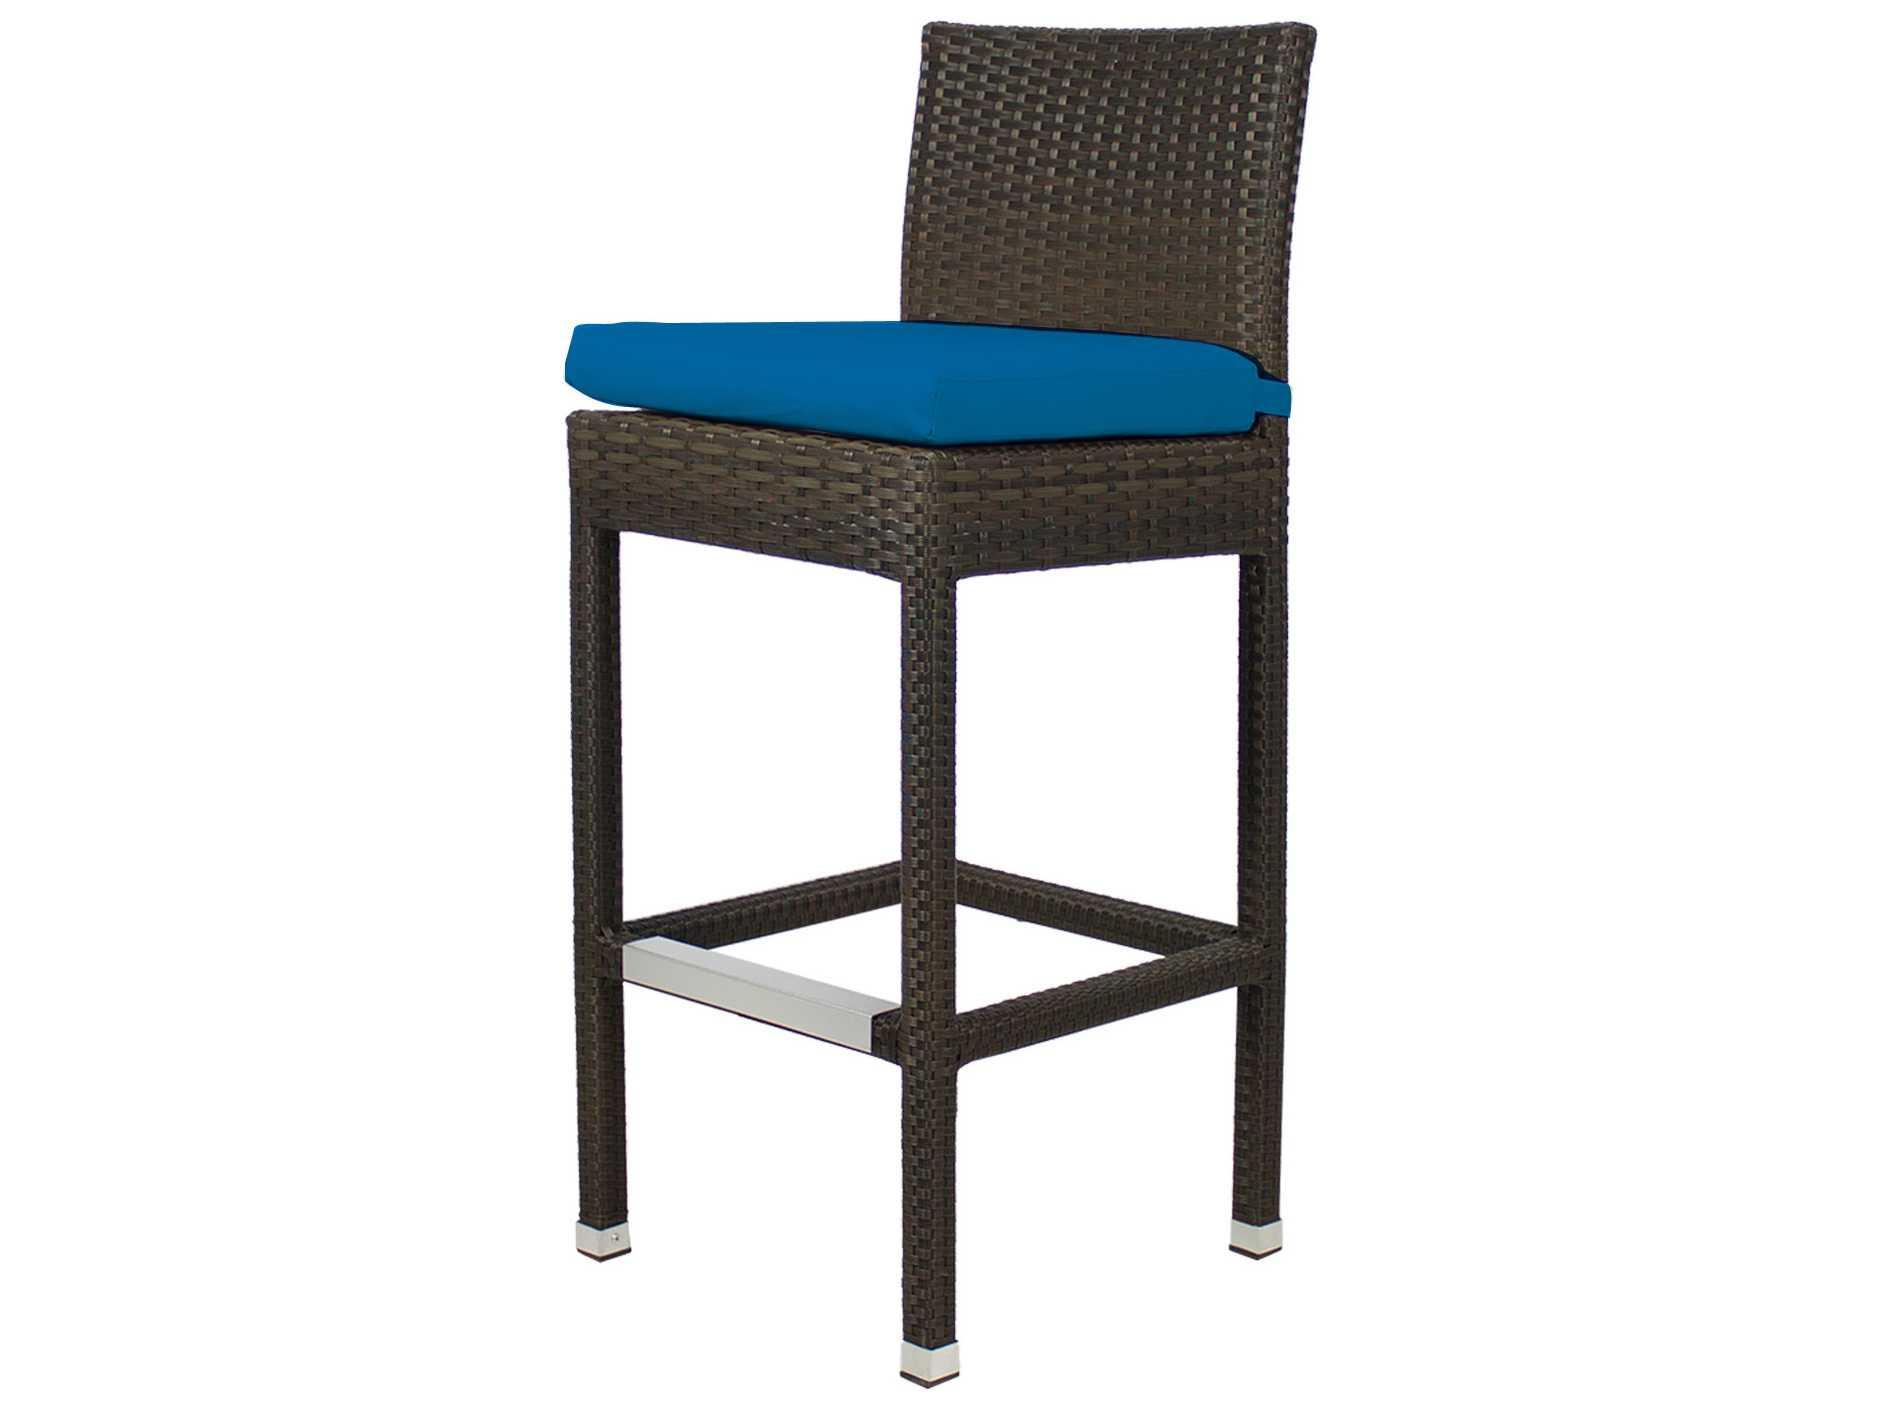 Source outdoor furniture zen wicker bar stool set zenbarset3 for Source outdoor furniture